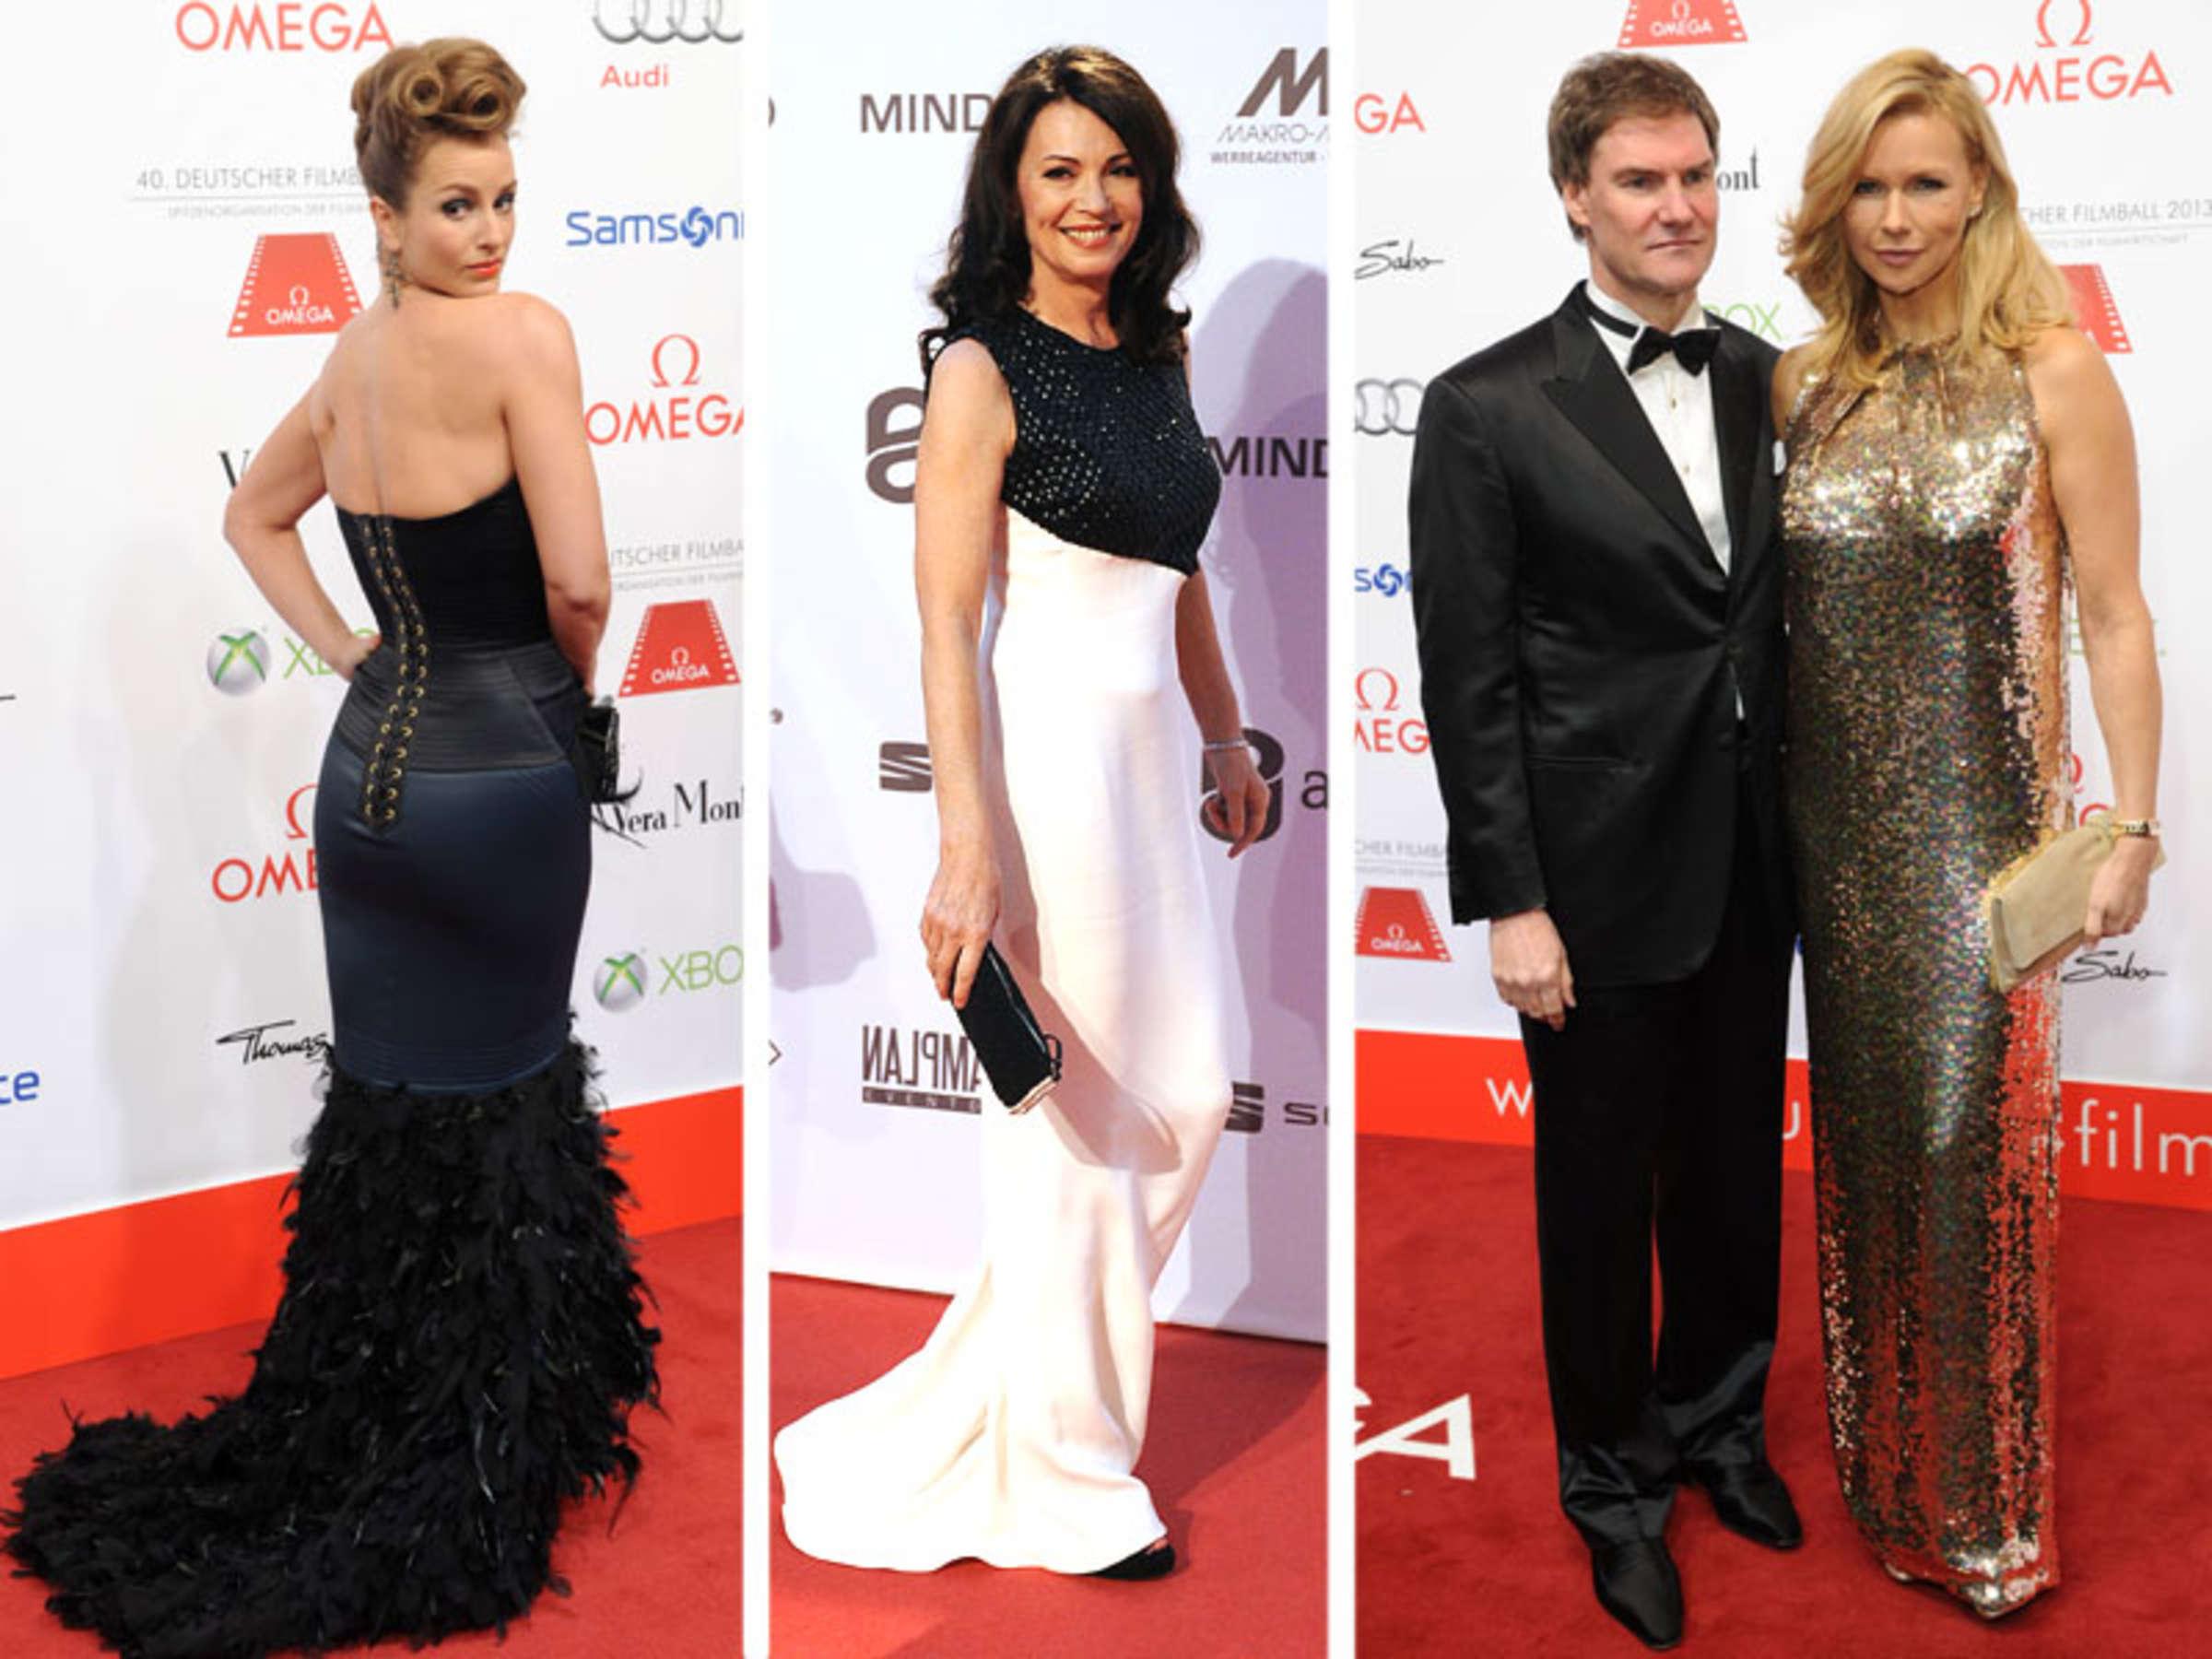 Roter Teppich: Bekommen Stars die Kleider umsonst?  Stars